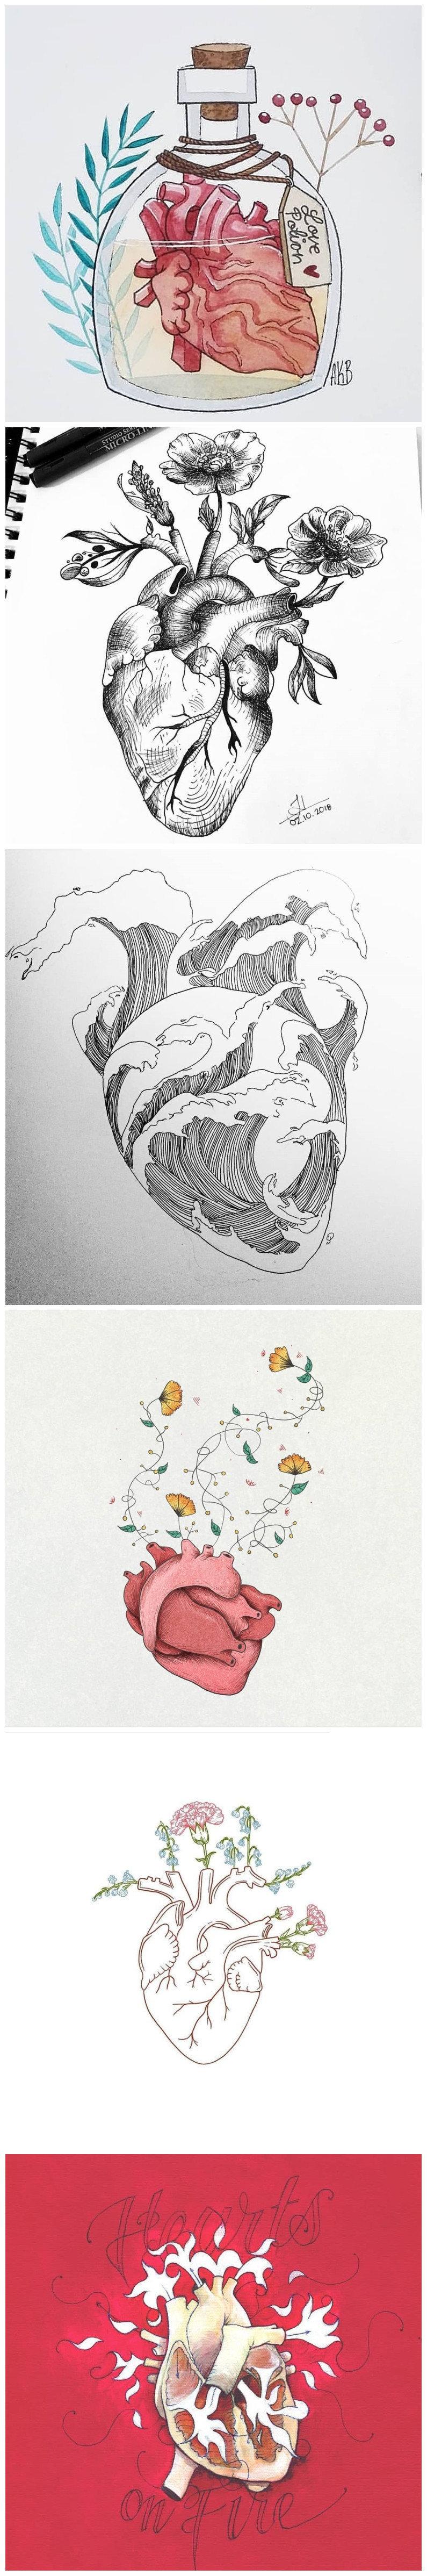 漂亮的心脏创意插画